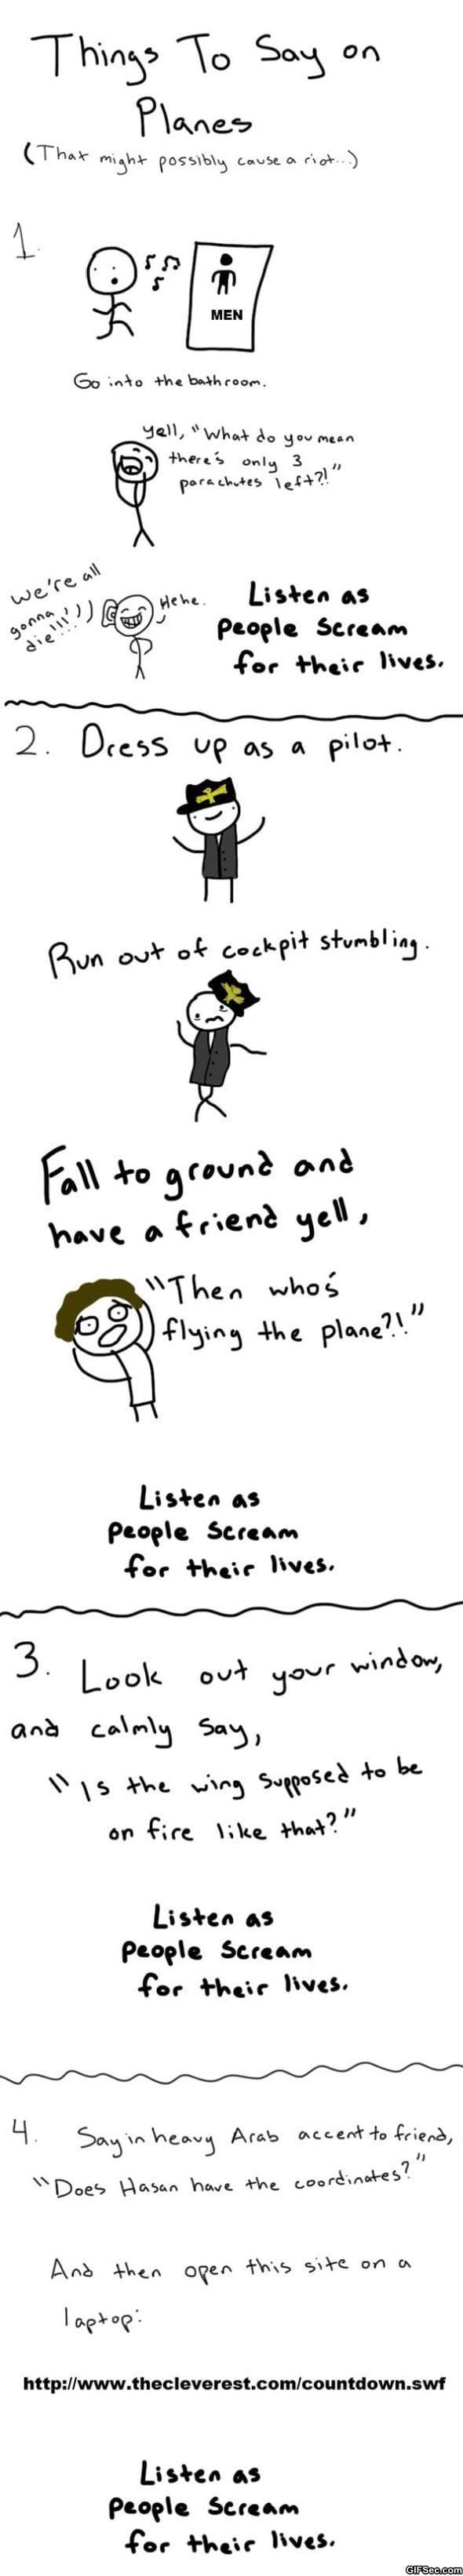 airplane-pranks